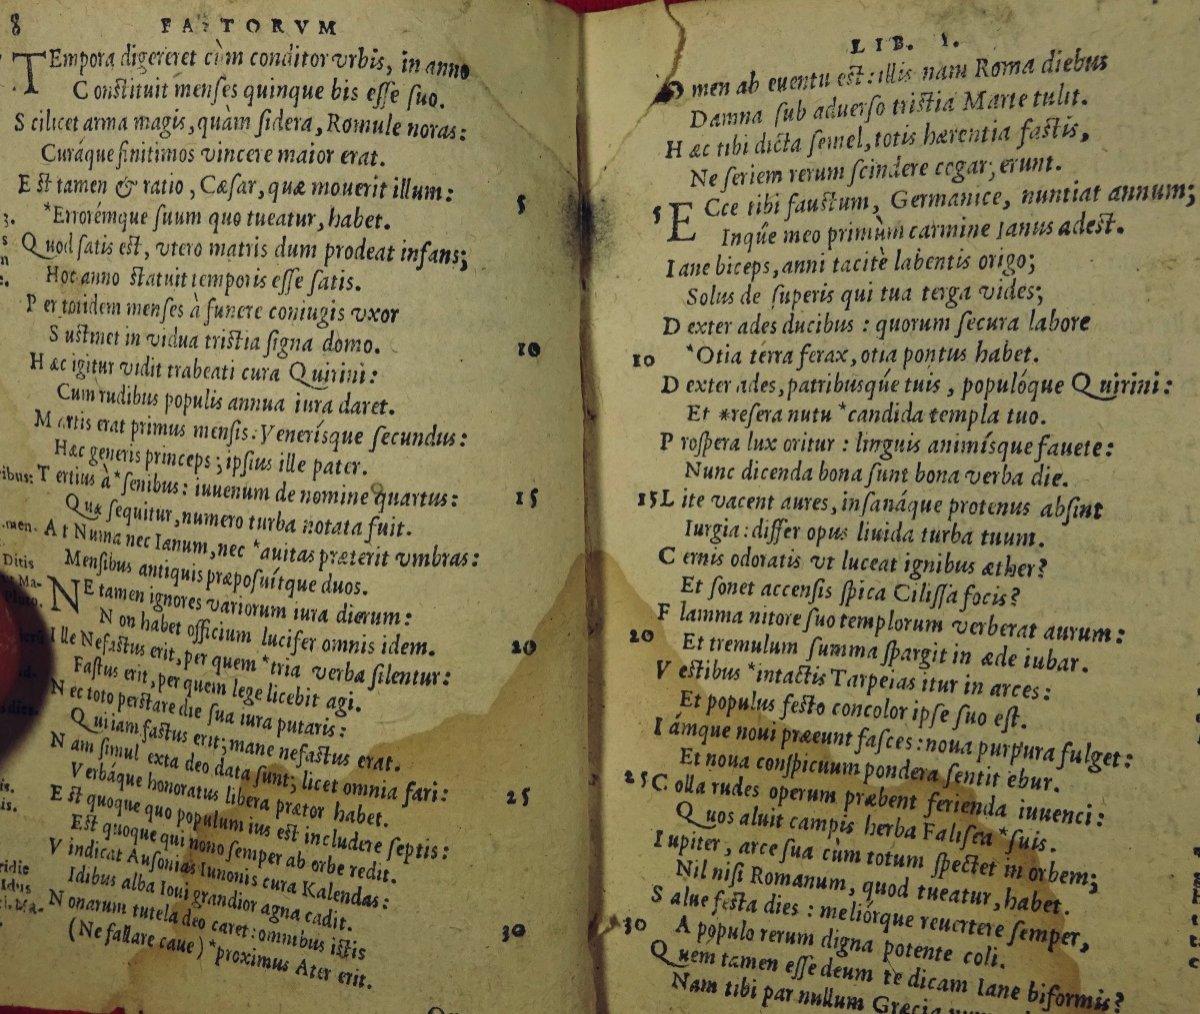 Ovide - Oeuvres En Latin Imprimées à Anvers Par Plantin En 1667.-photo-1